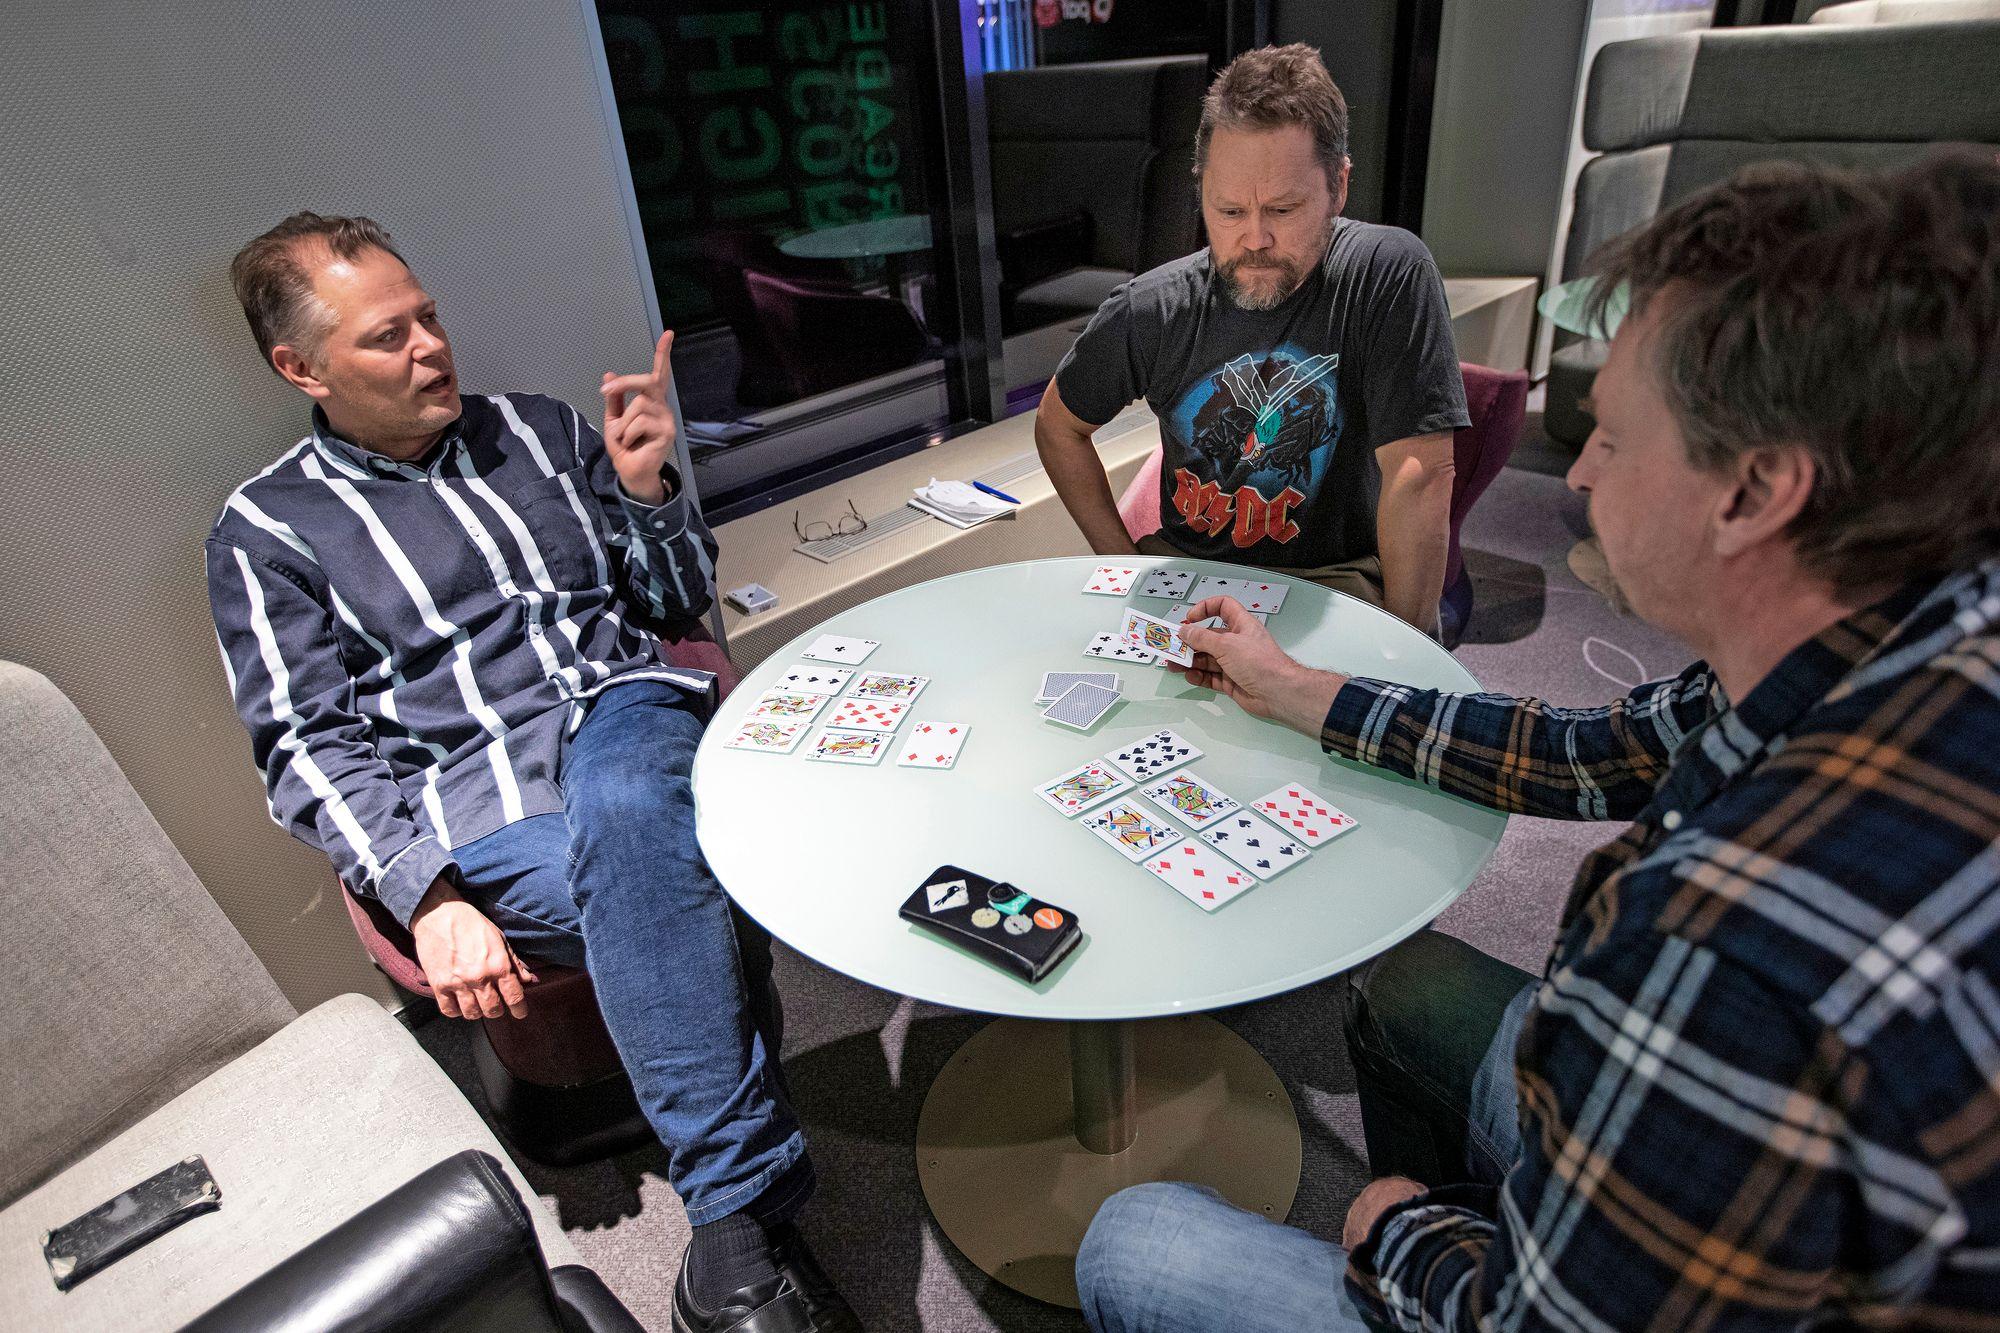 Kaverukset Mika (vas.), Topi ja toinen Mika tulivat risteilylle pelaamaan korttia ja ostoksille. © Petri Mulari